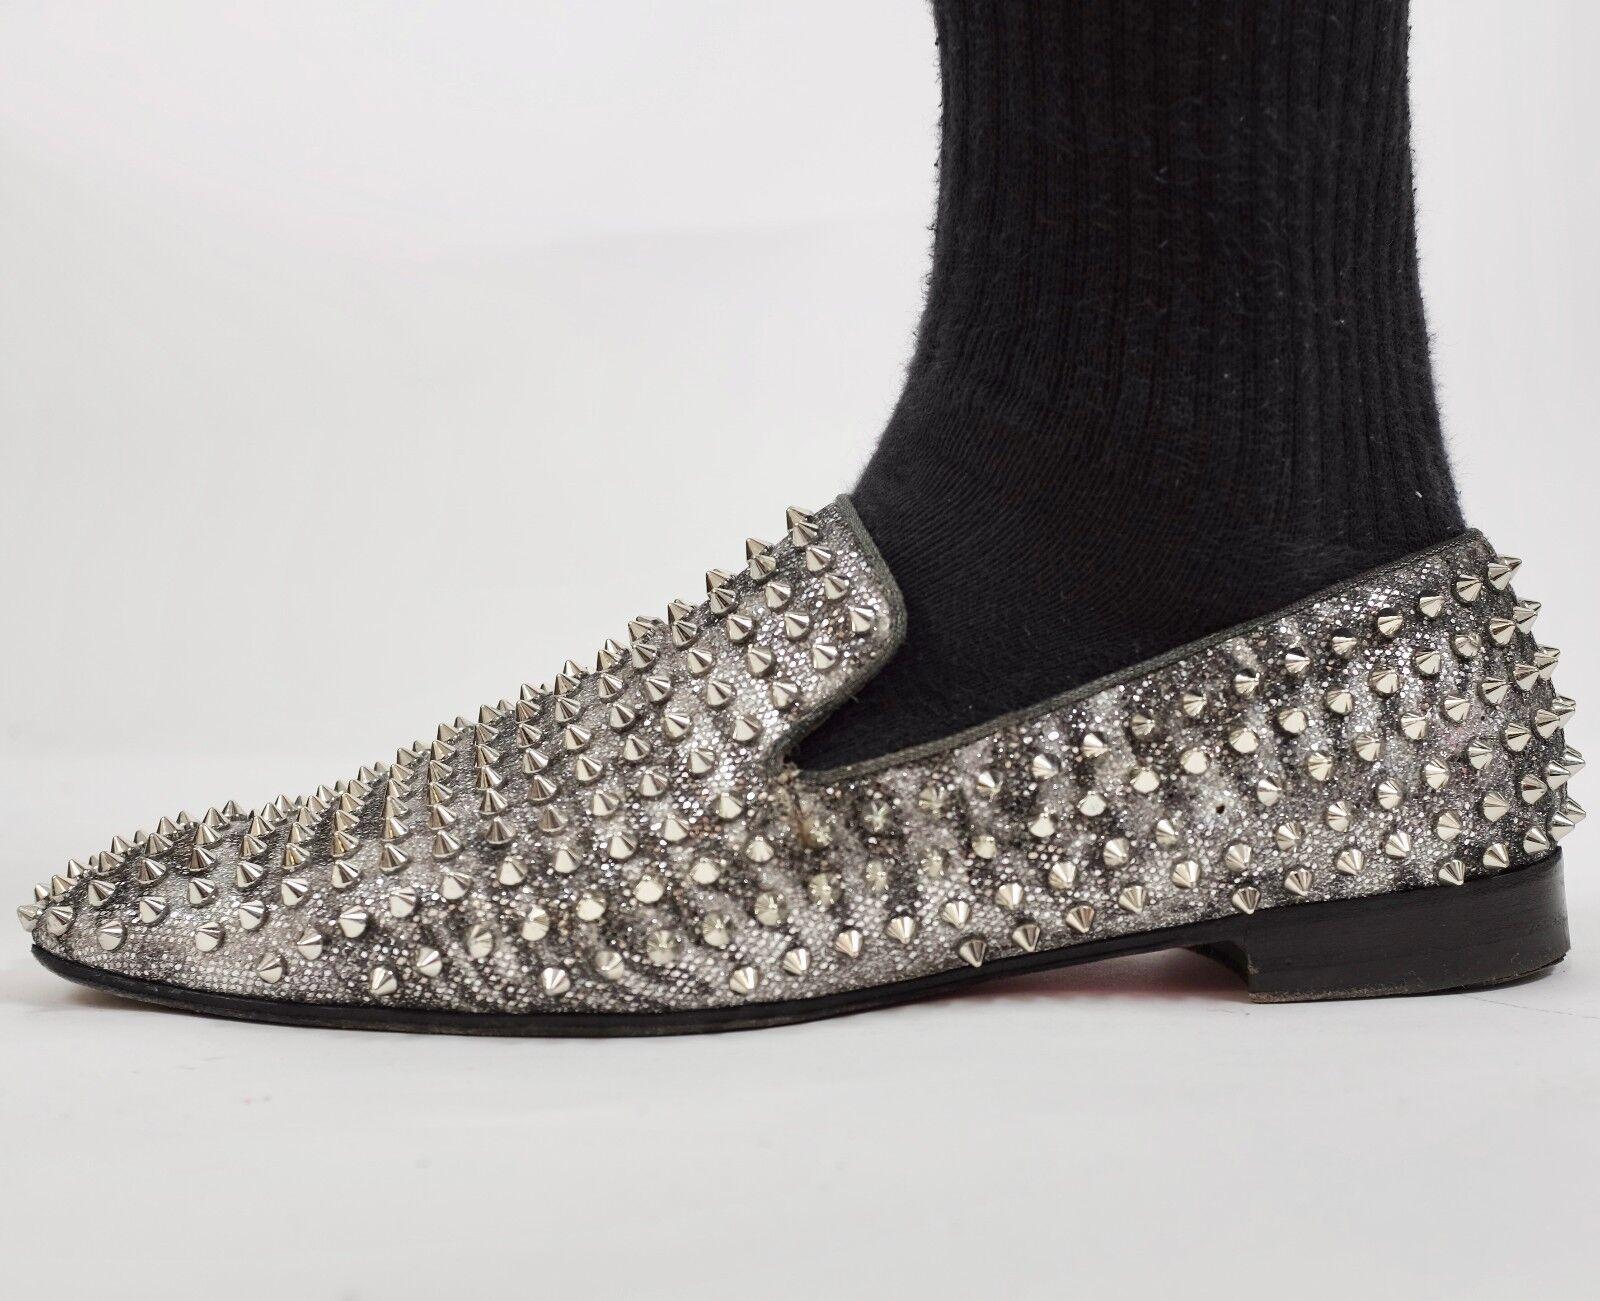 Schuhe Slipper Silber Nieten Louboutin Christian 13 46 Sz